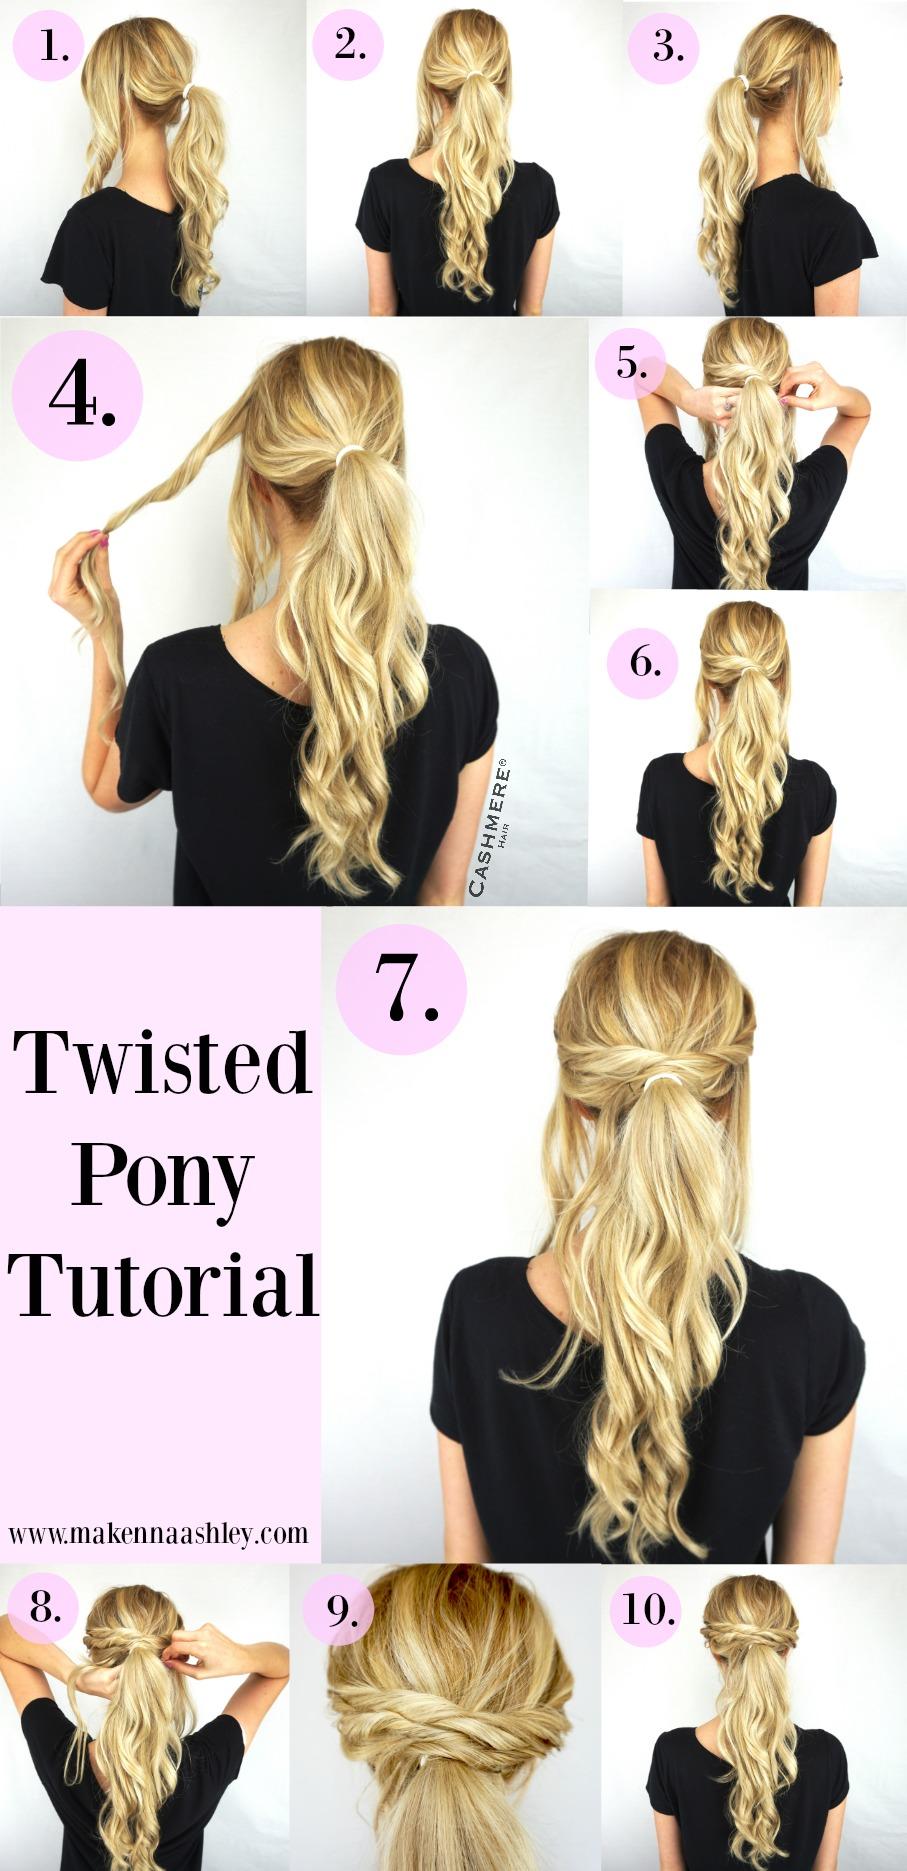 Twisted Pony Tutorial